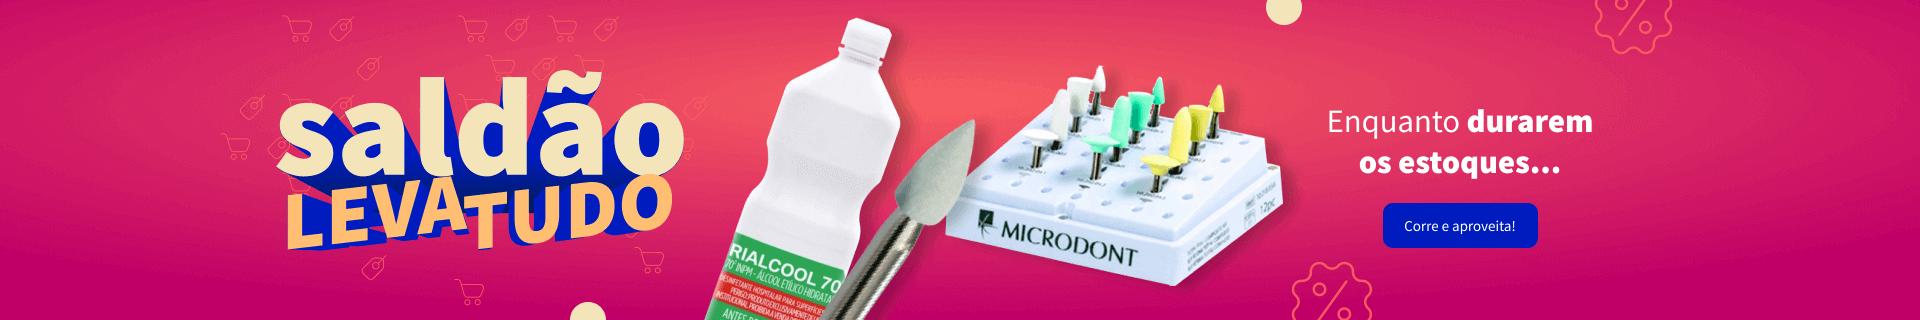 Saldão Leva tudo na Dental Cremer Produtos Odontológicos